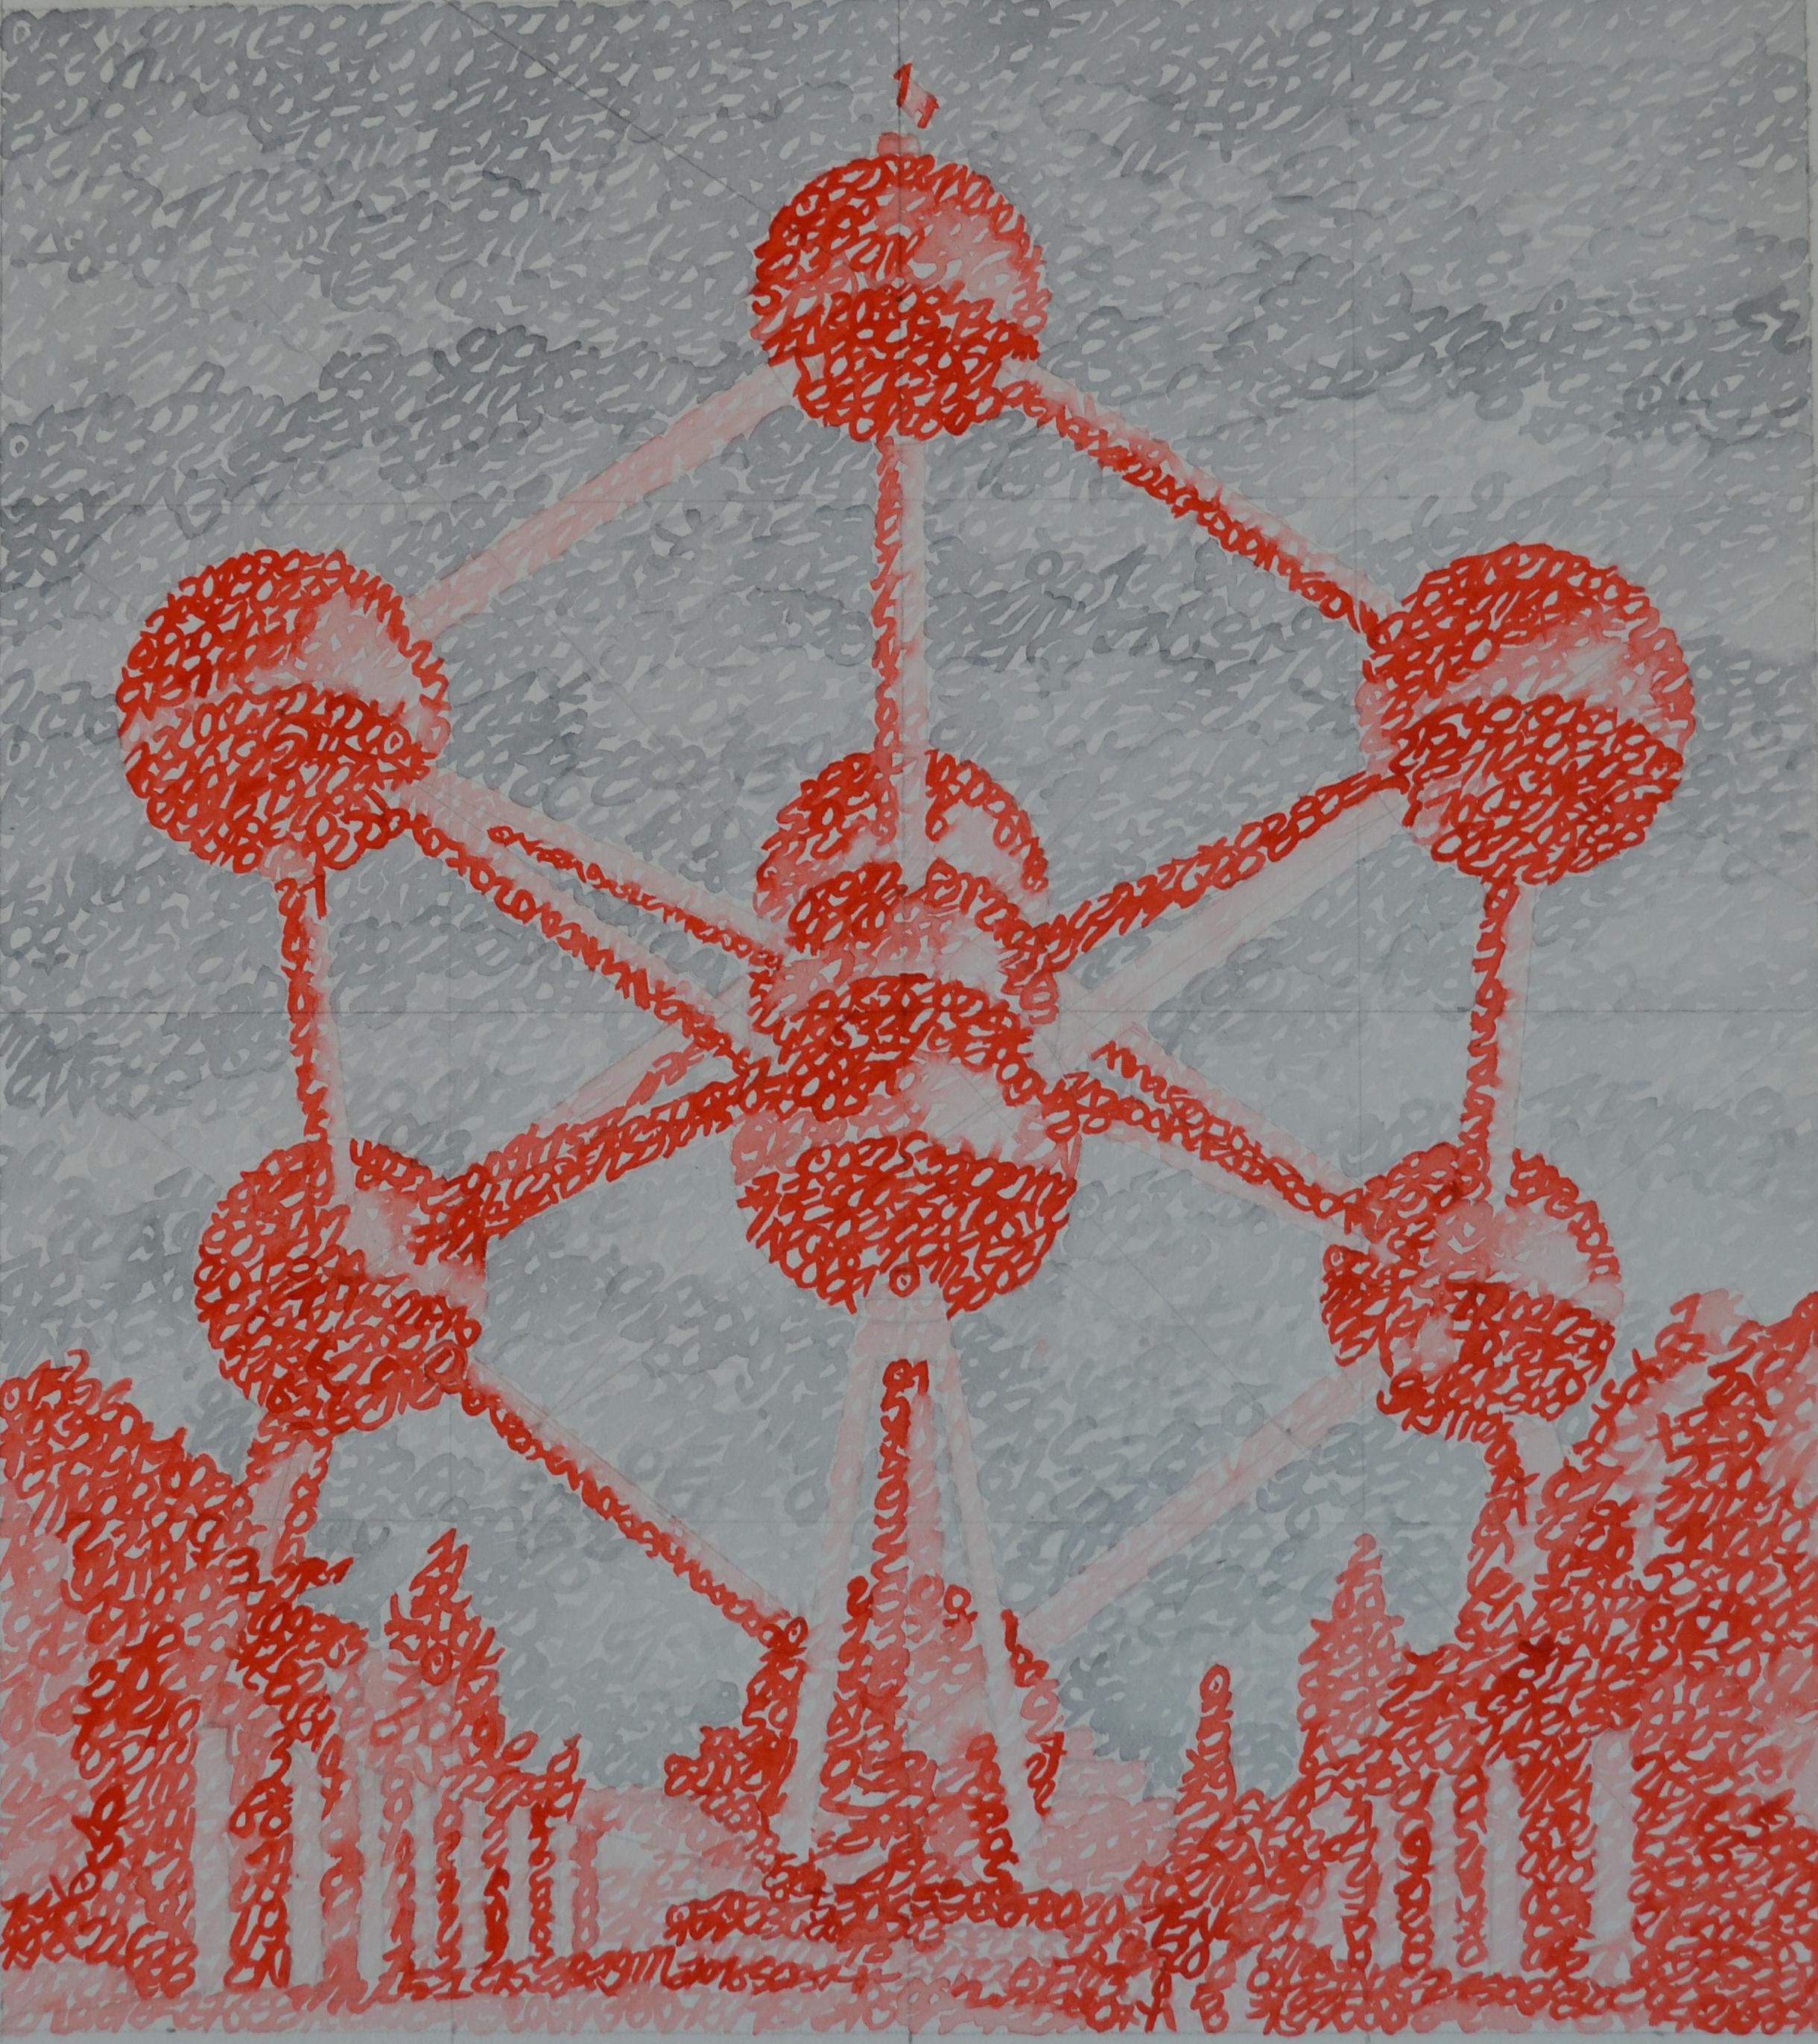 Covid-19, la Belgique, Bruxelles, Atomium, 07.12.2020, aquarelle sur papier, 37 x 33 cm. Représentation de l